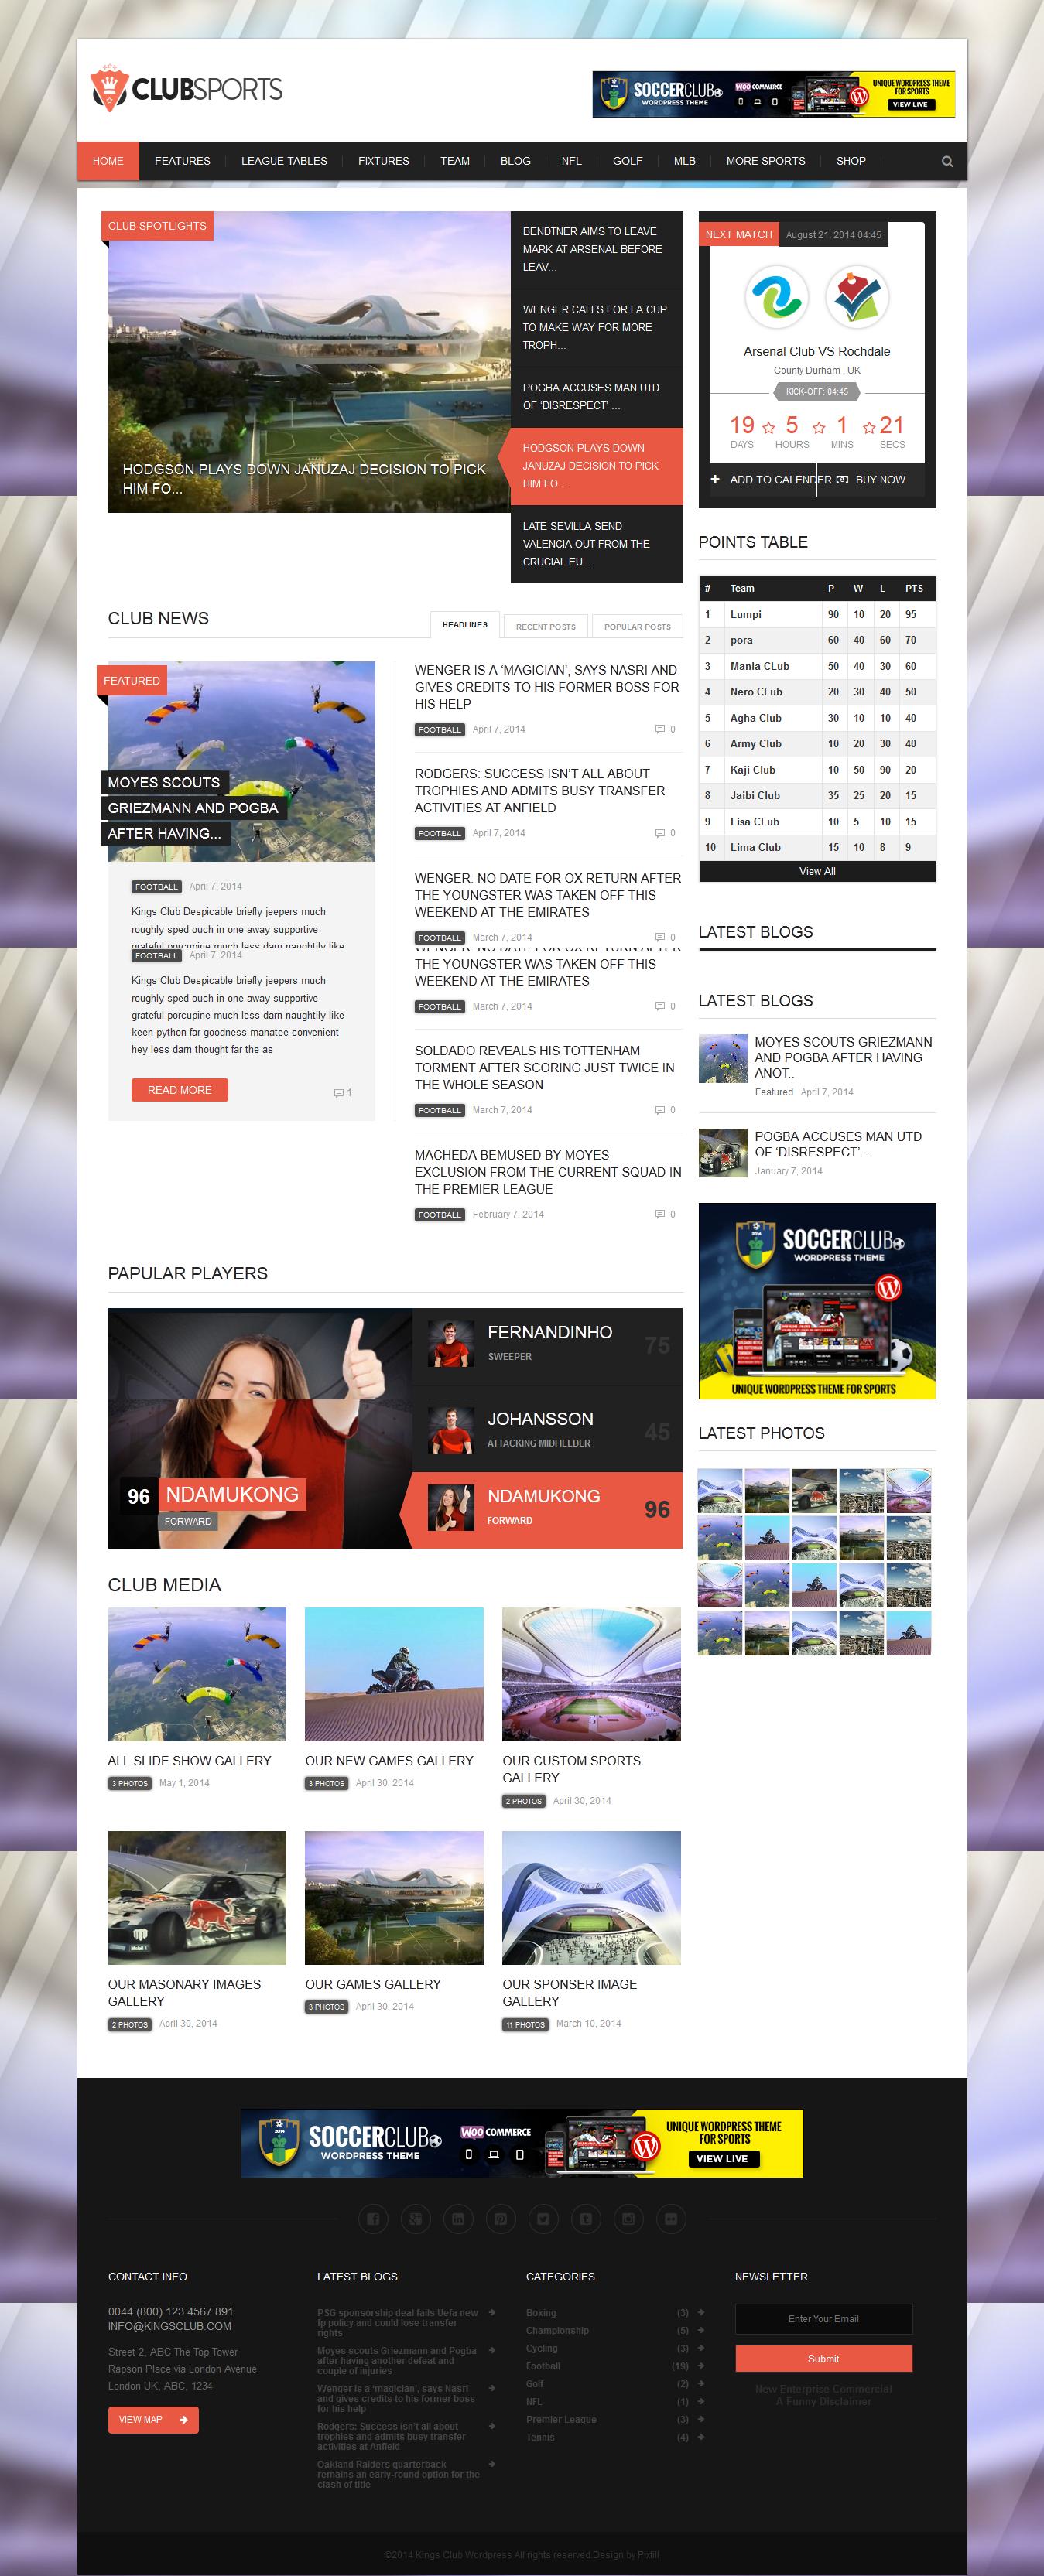 Wordpress Avanti Mutlipurpose News Magazine Theme Themeforest Wordpress Wordpress Themes And Plugins Magazine Theme Wordpress Website Design Wordpress Wordpress Website Design